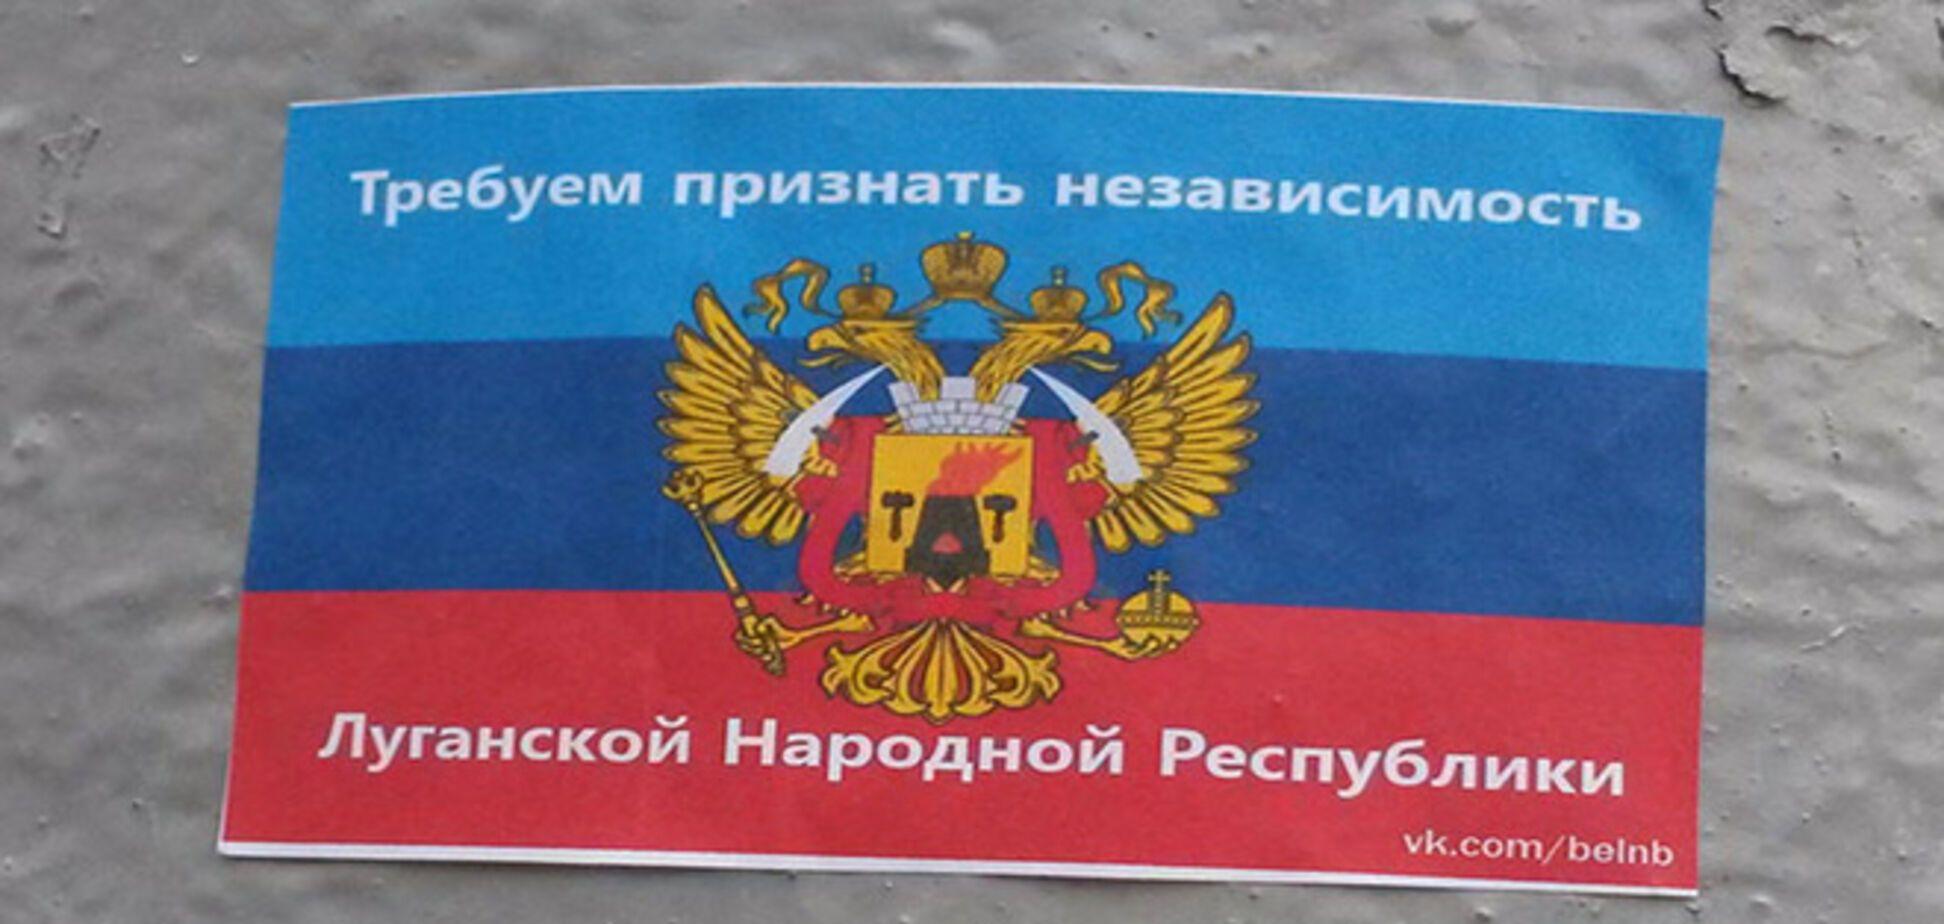 В Минске появились листовки с требованием признать 'независимость ЛНР'